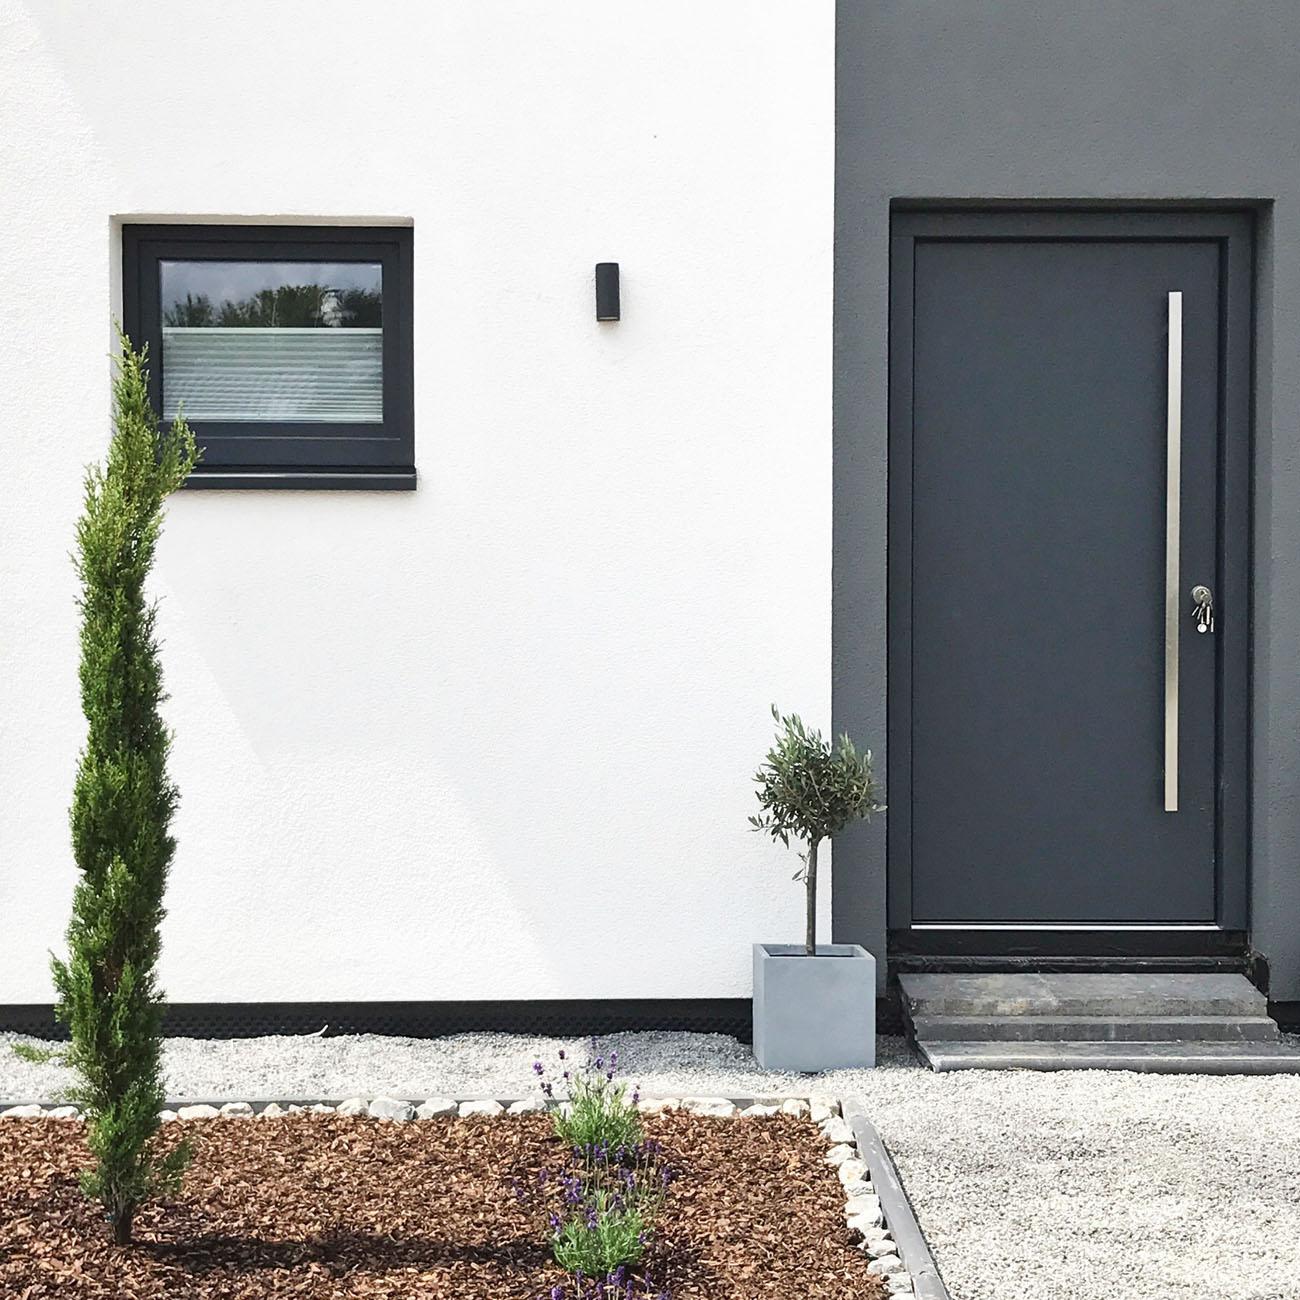 Wandleuchte für Innen und Außen schwarz GU10 - 2